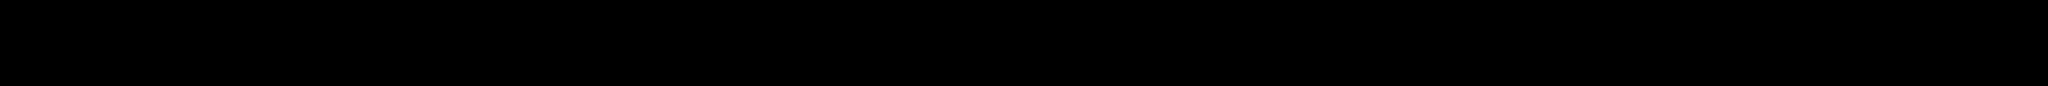 RIDEX BOC1093002059, 3707010-02, 17 01 2600F3004, 19 01 0600F6001, 3707010-01 Zündkerze